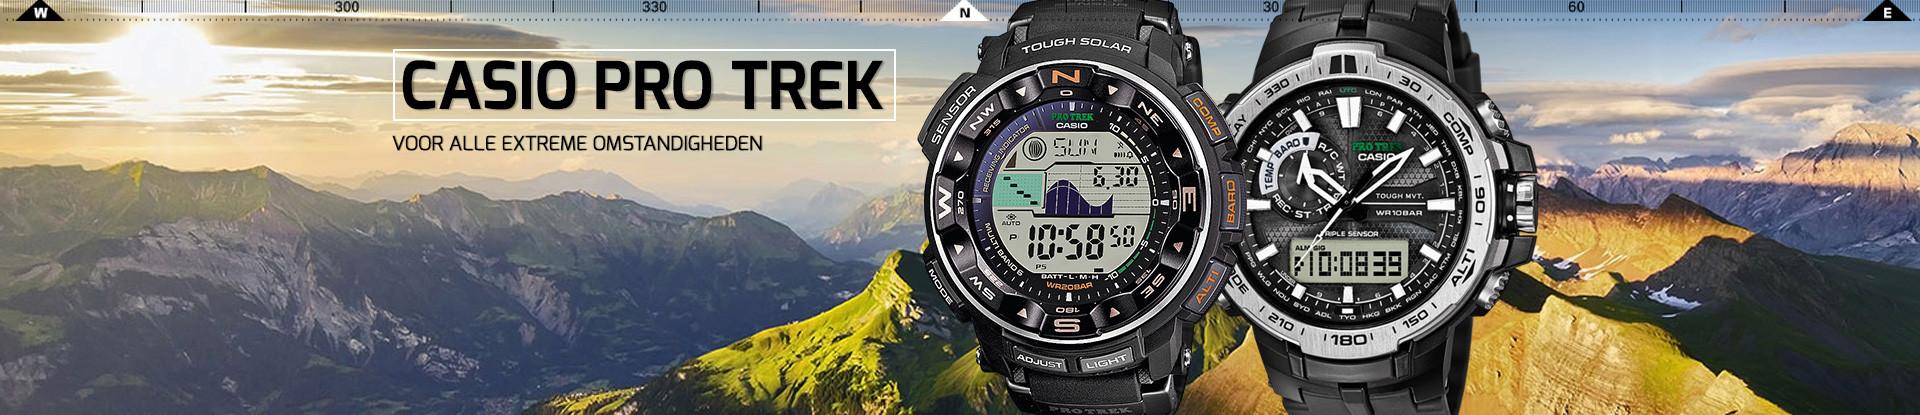 Casio Horloge Pro Trek